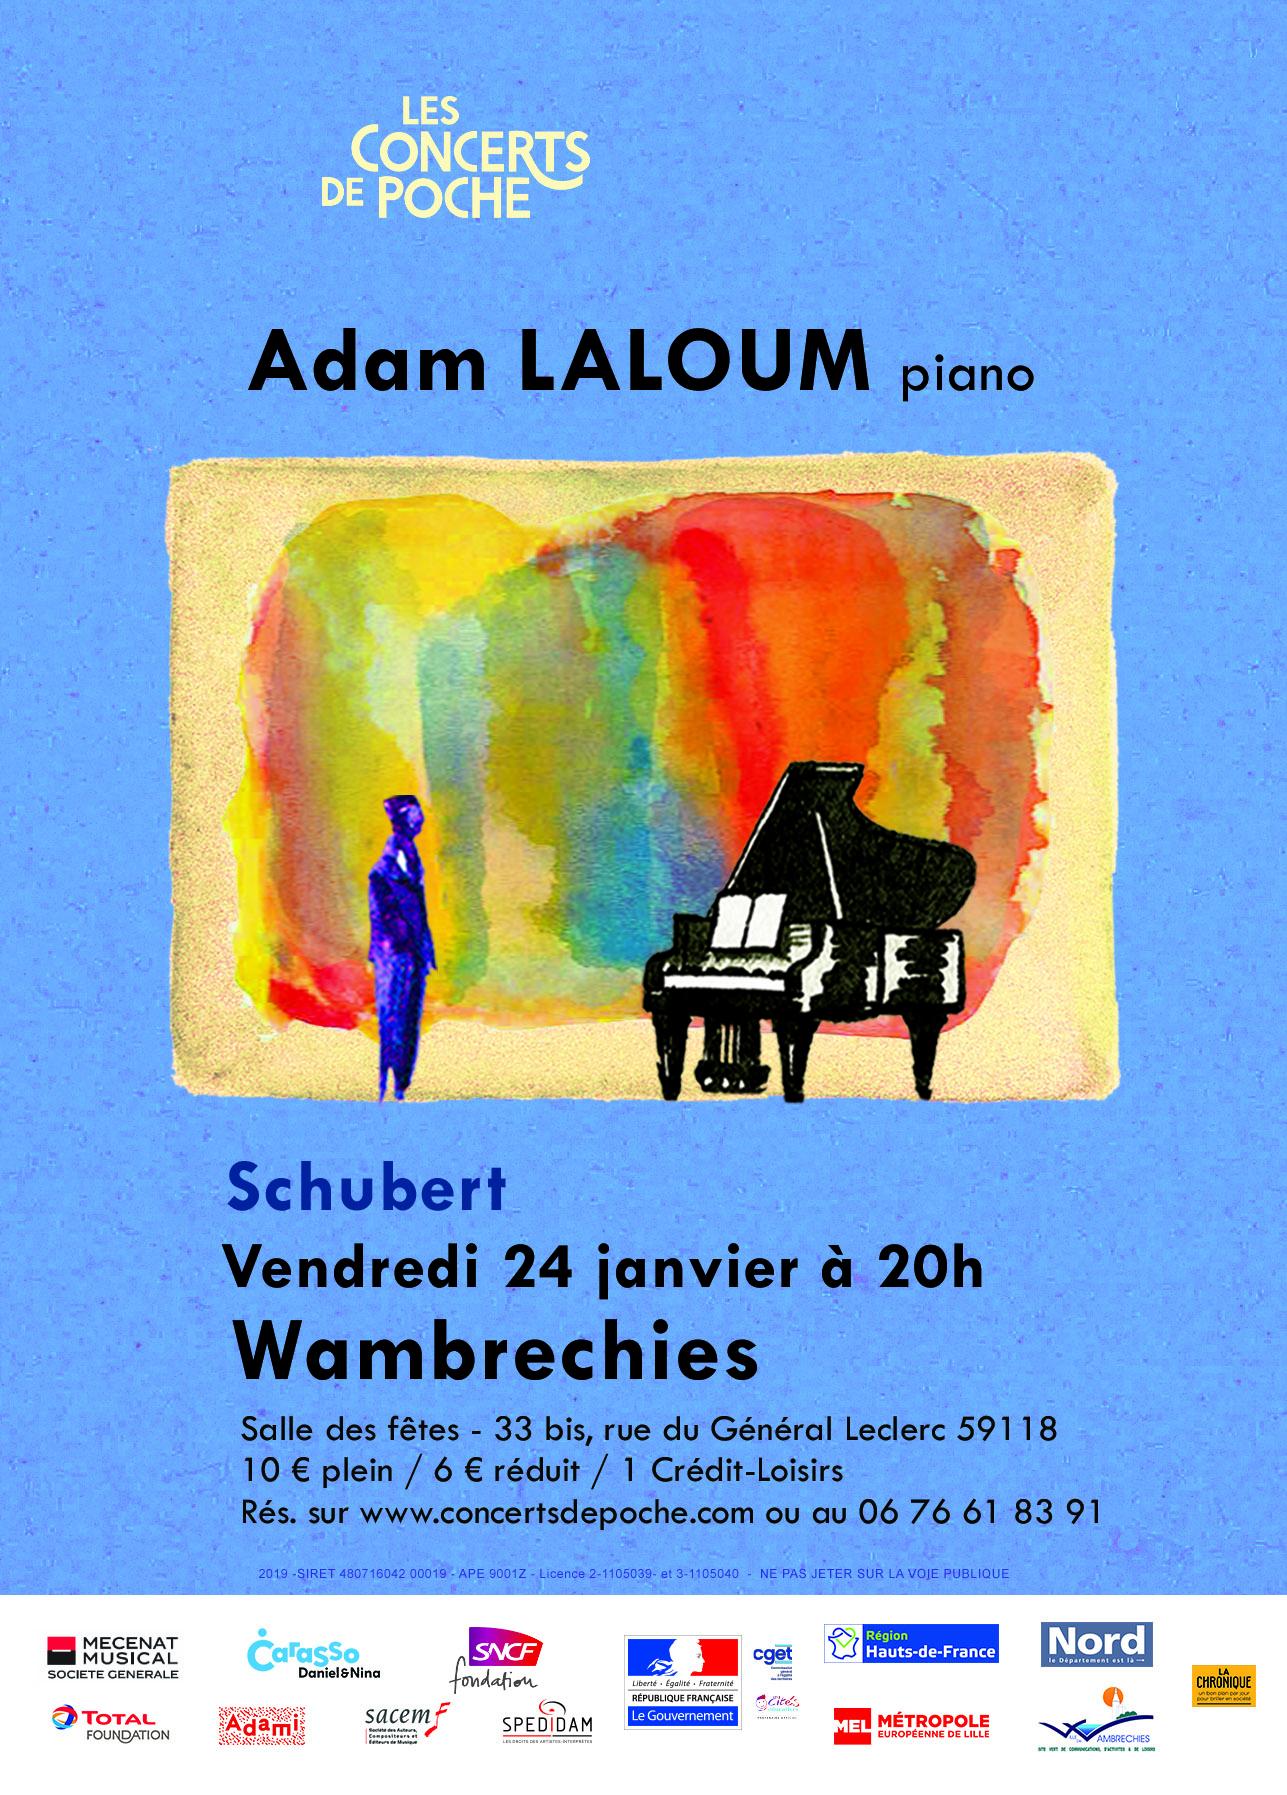 Adam Laloum par Les Concerts de Poche